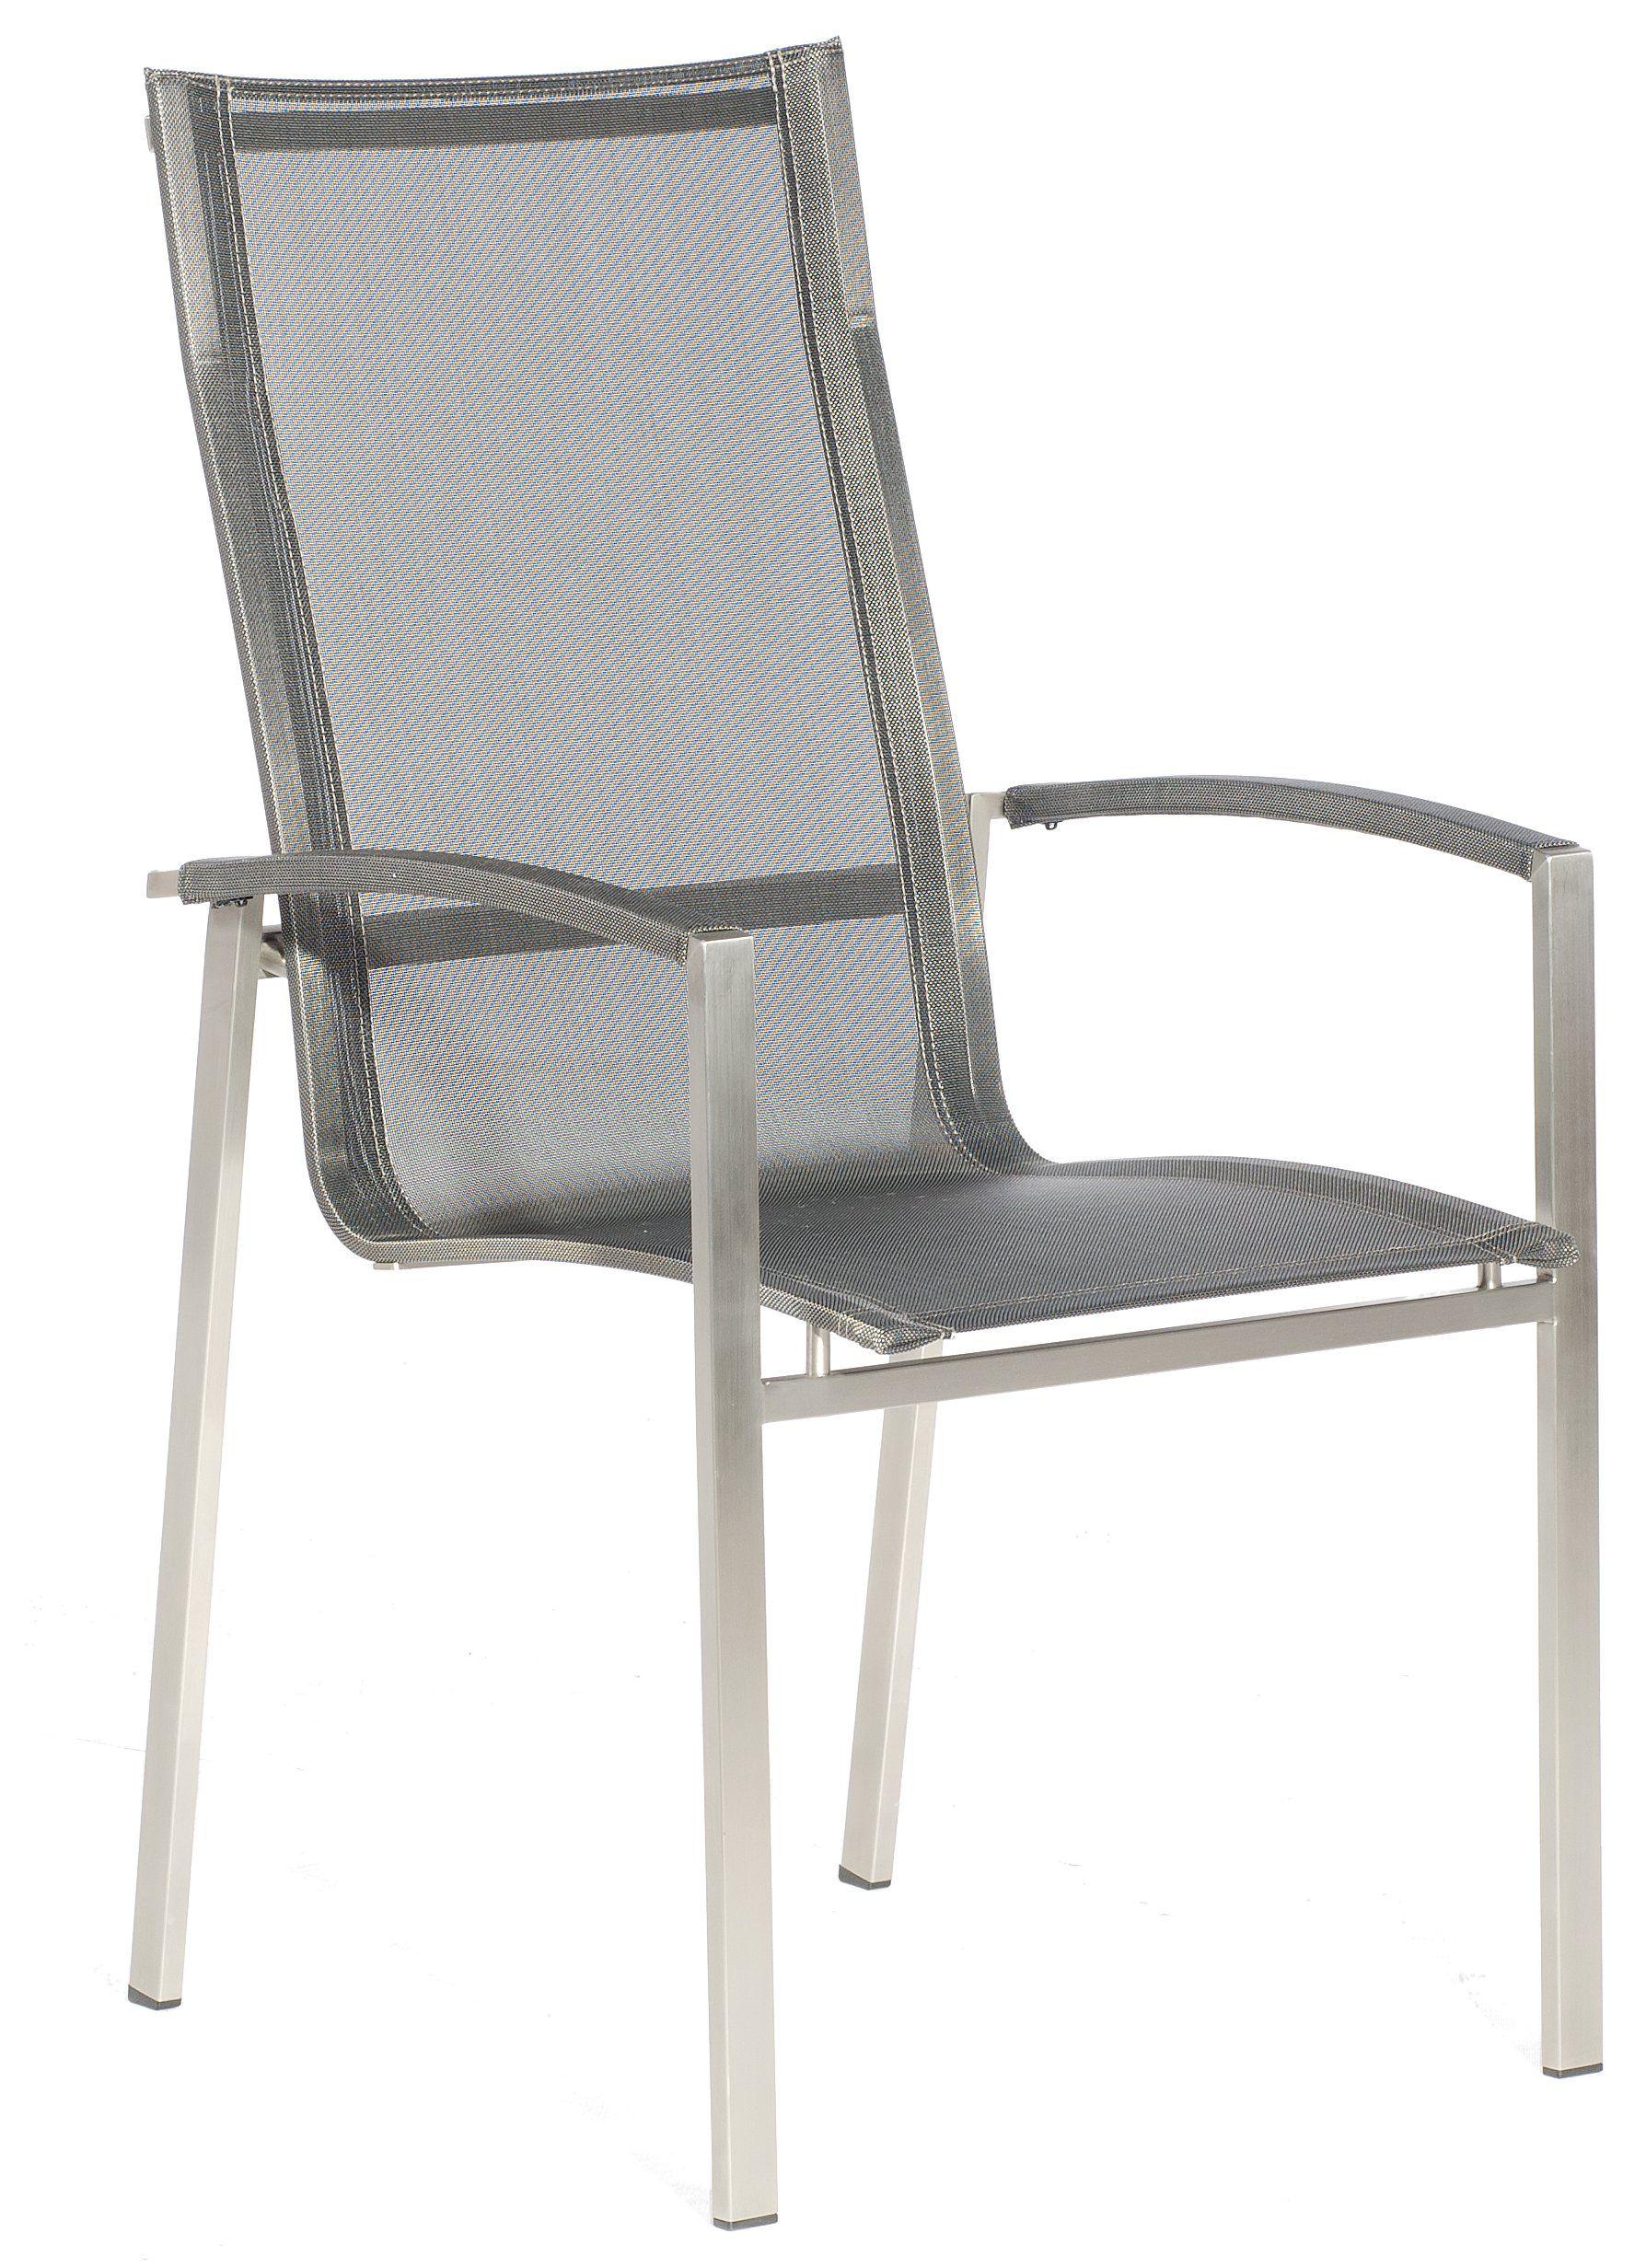 Bequemer Und Witterungsbestandiger Gartenstuhl Gartenstuhle Gartenstuhle Stapelbar Stuhle